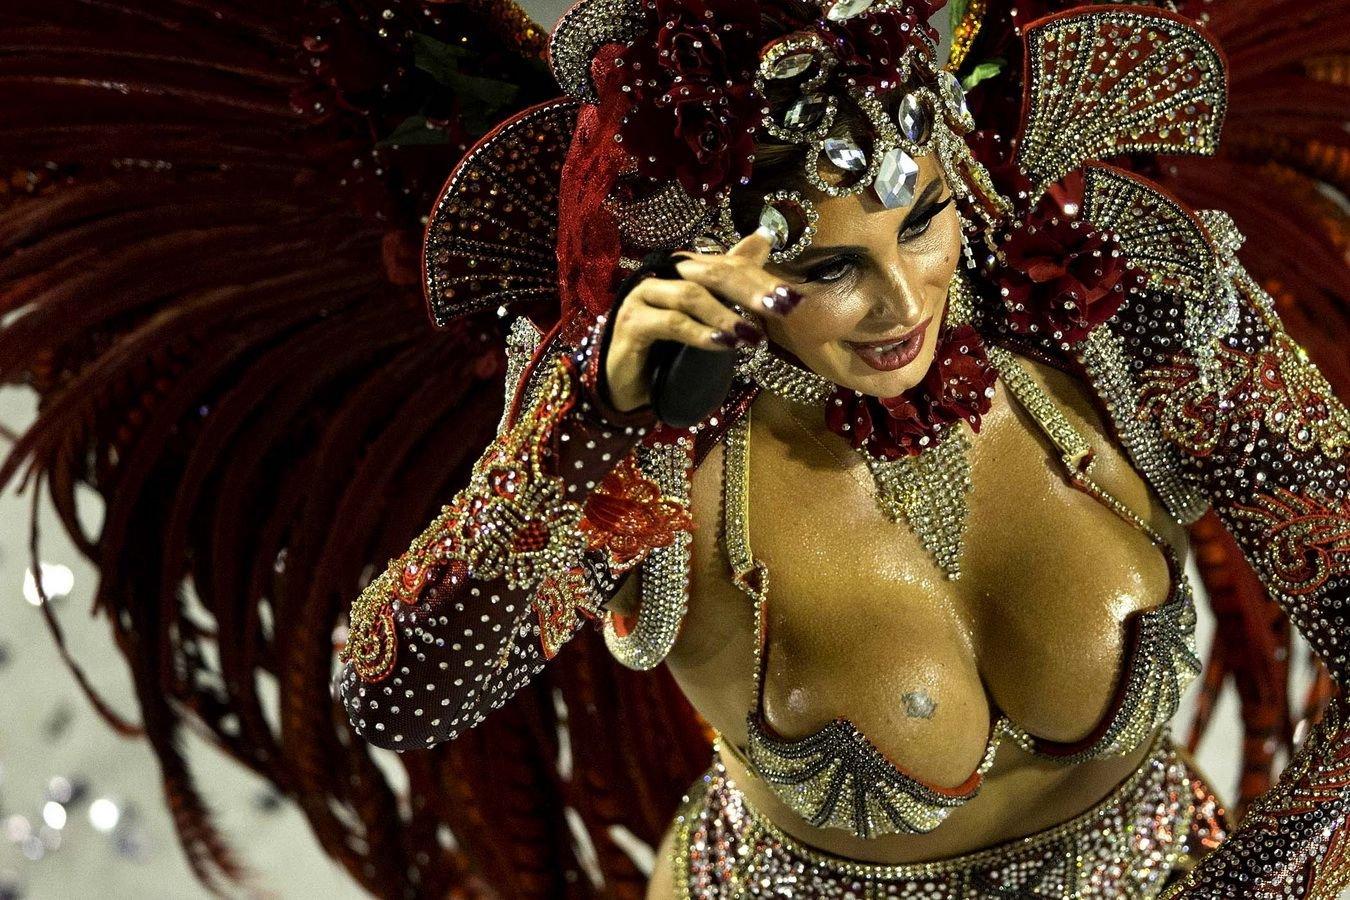 Секс карнавал смотреть онлайн 23 фотография